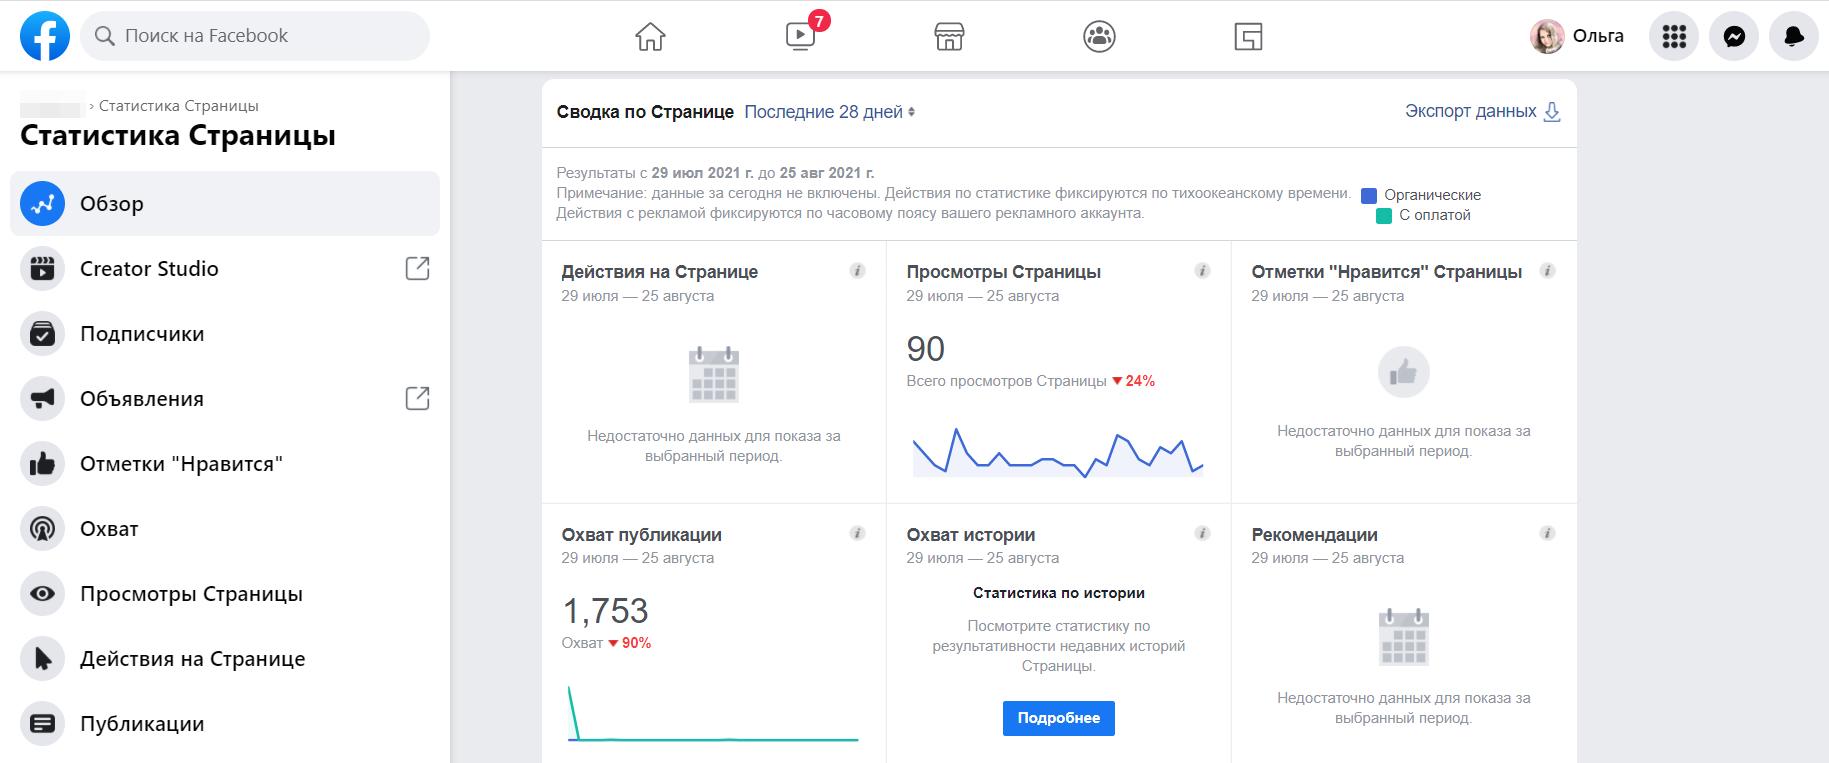 Статистику страницы в Фейсбуке можно посмотреть также в Creator Studio, кликнув по ссылке в боковом меню